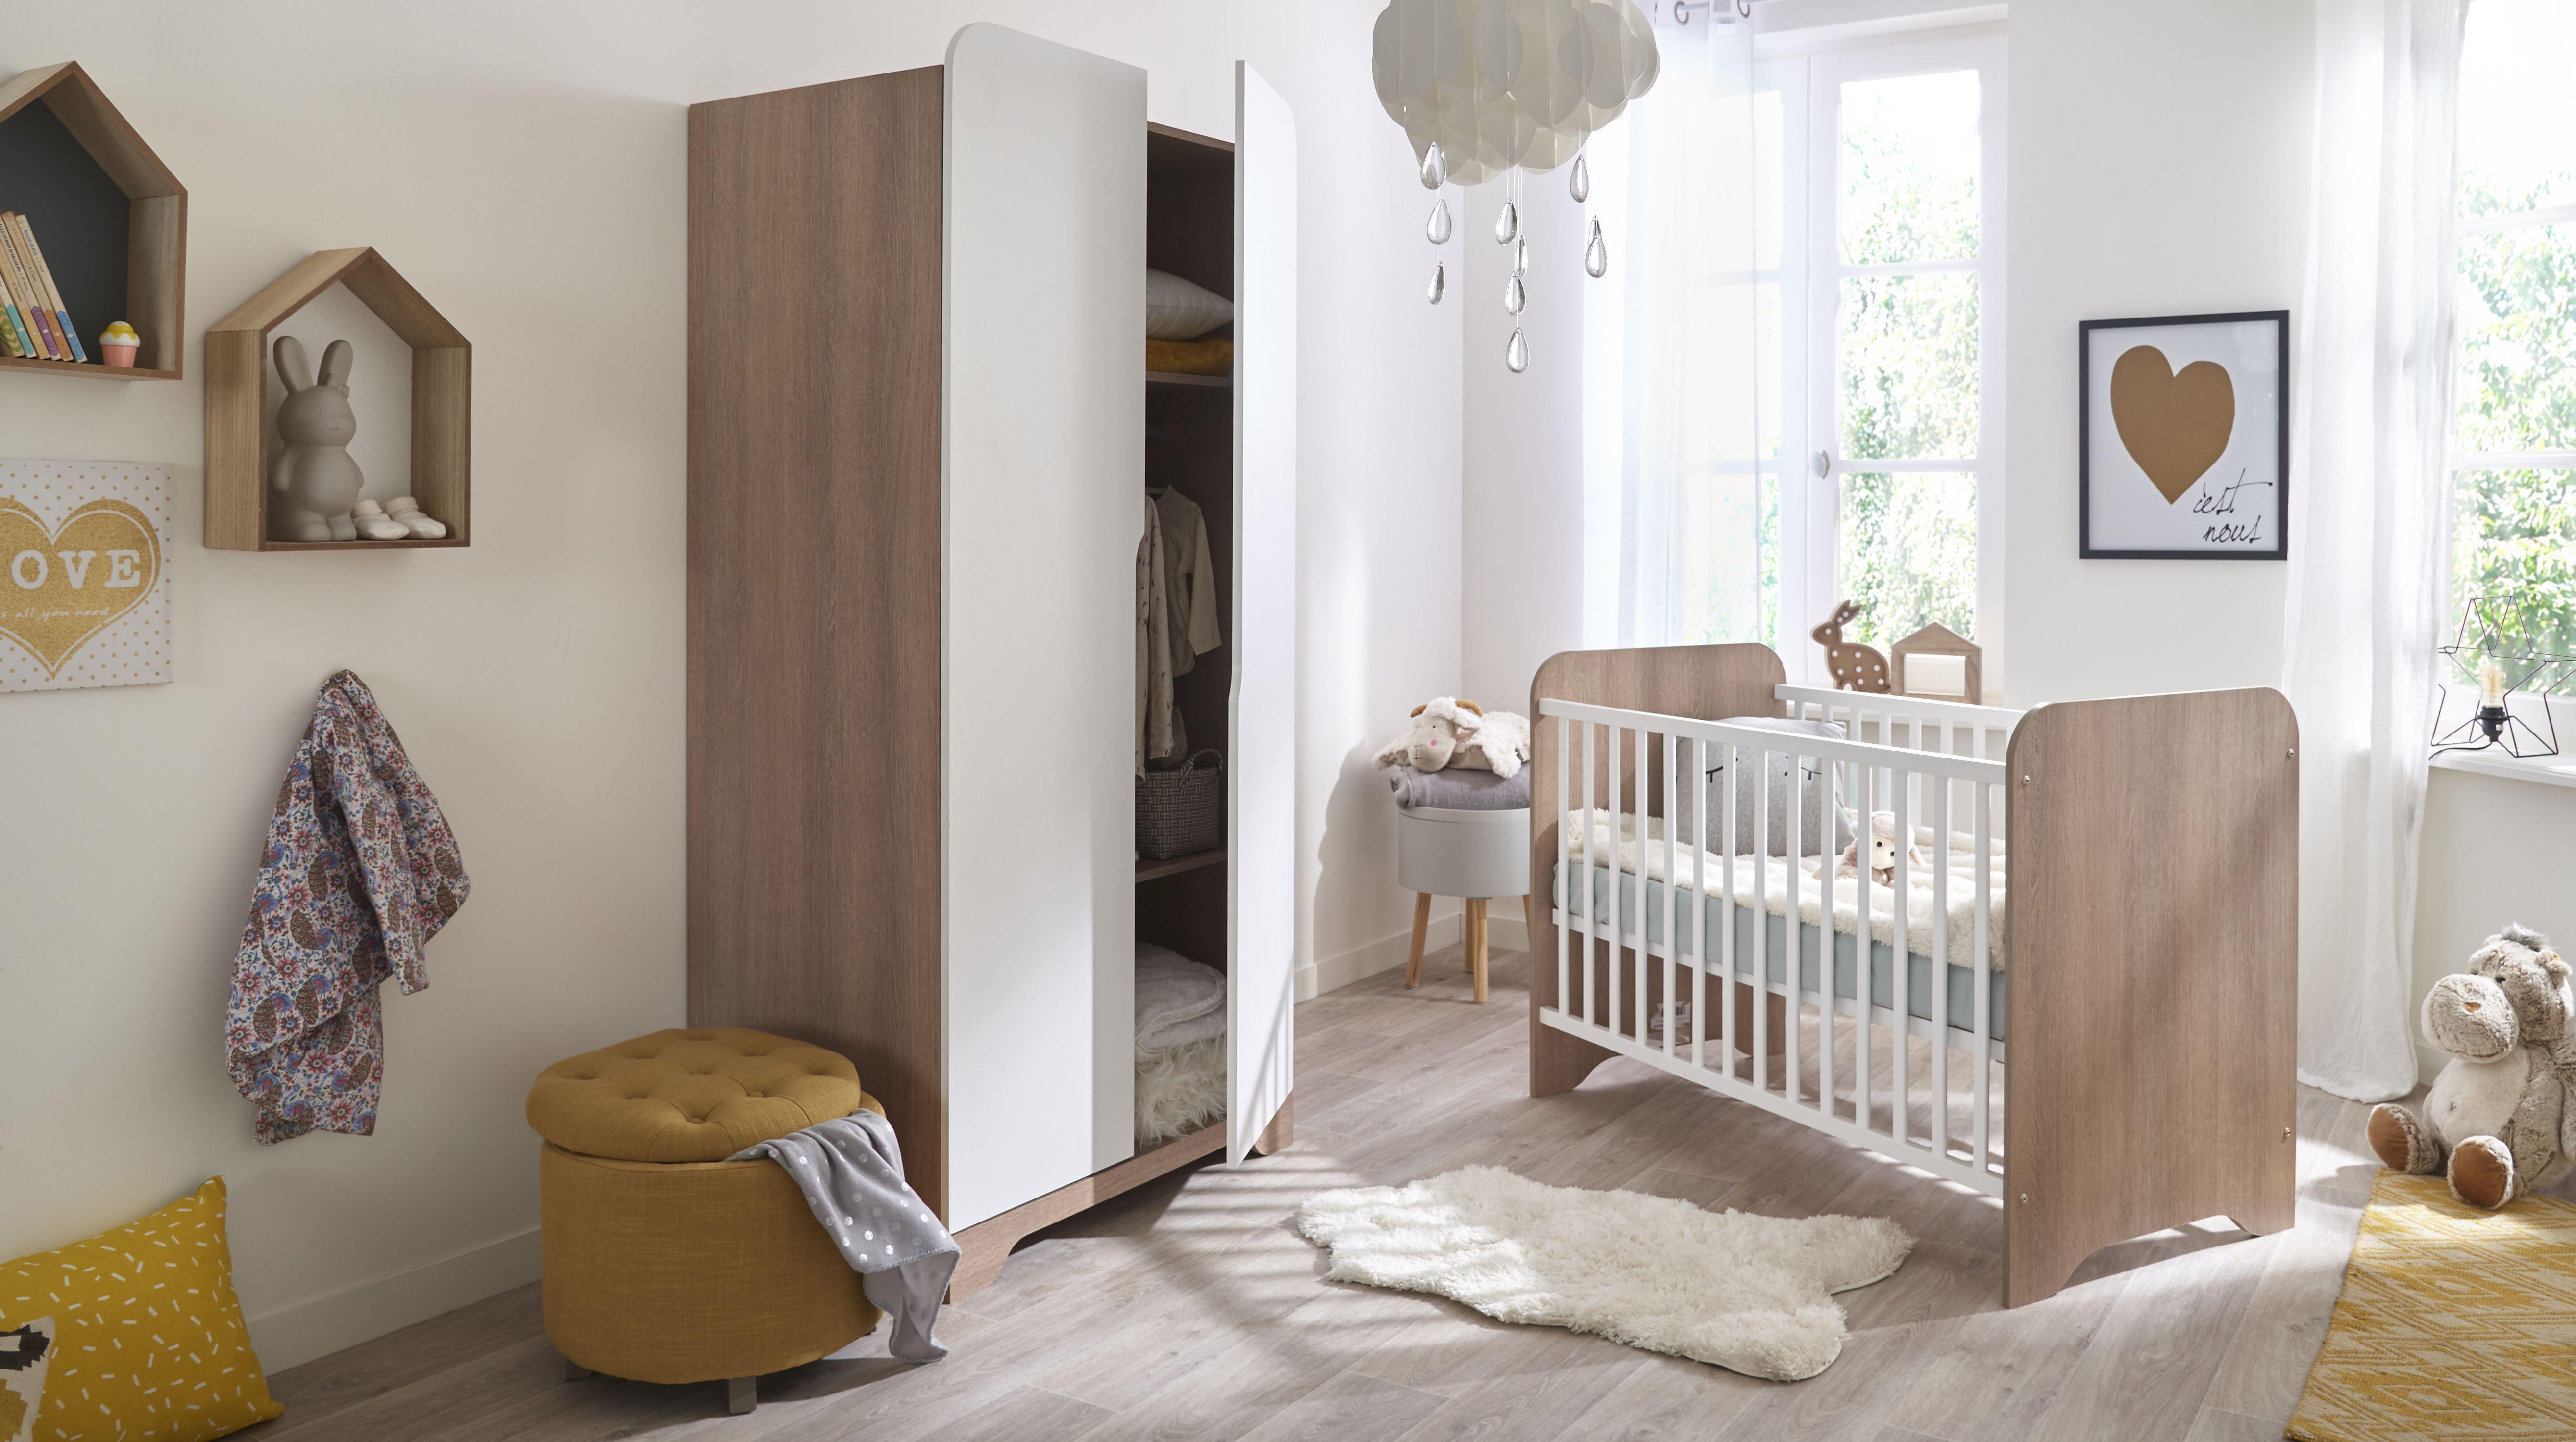 Chambre pour bébé - Alinéa  Meble, Dzieci